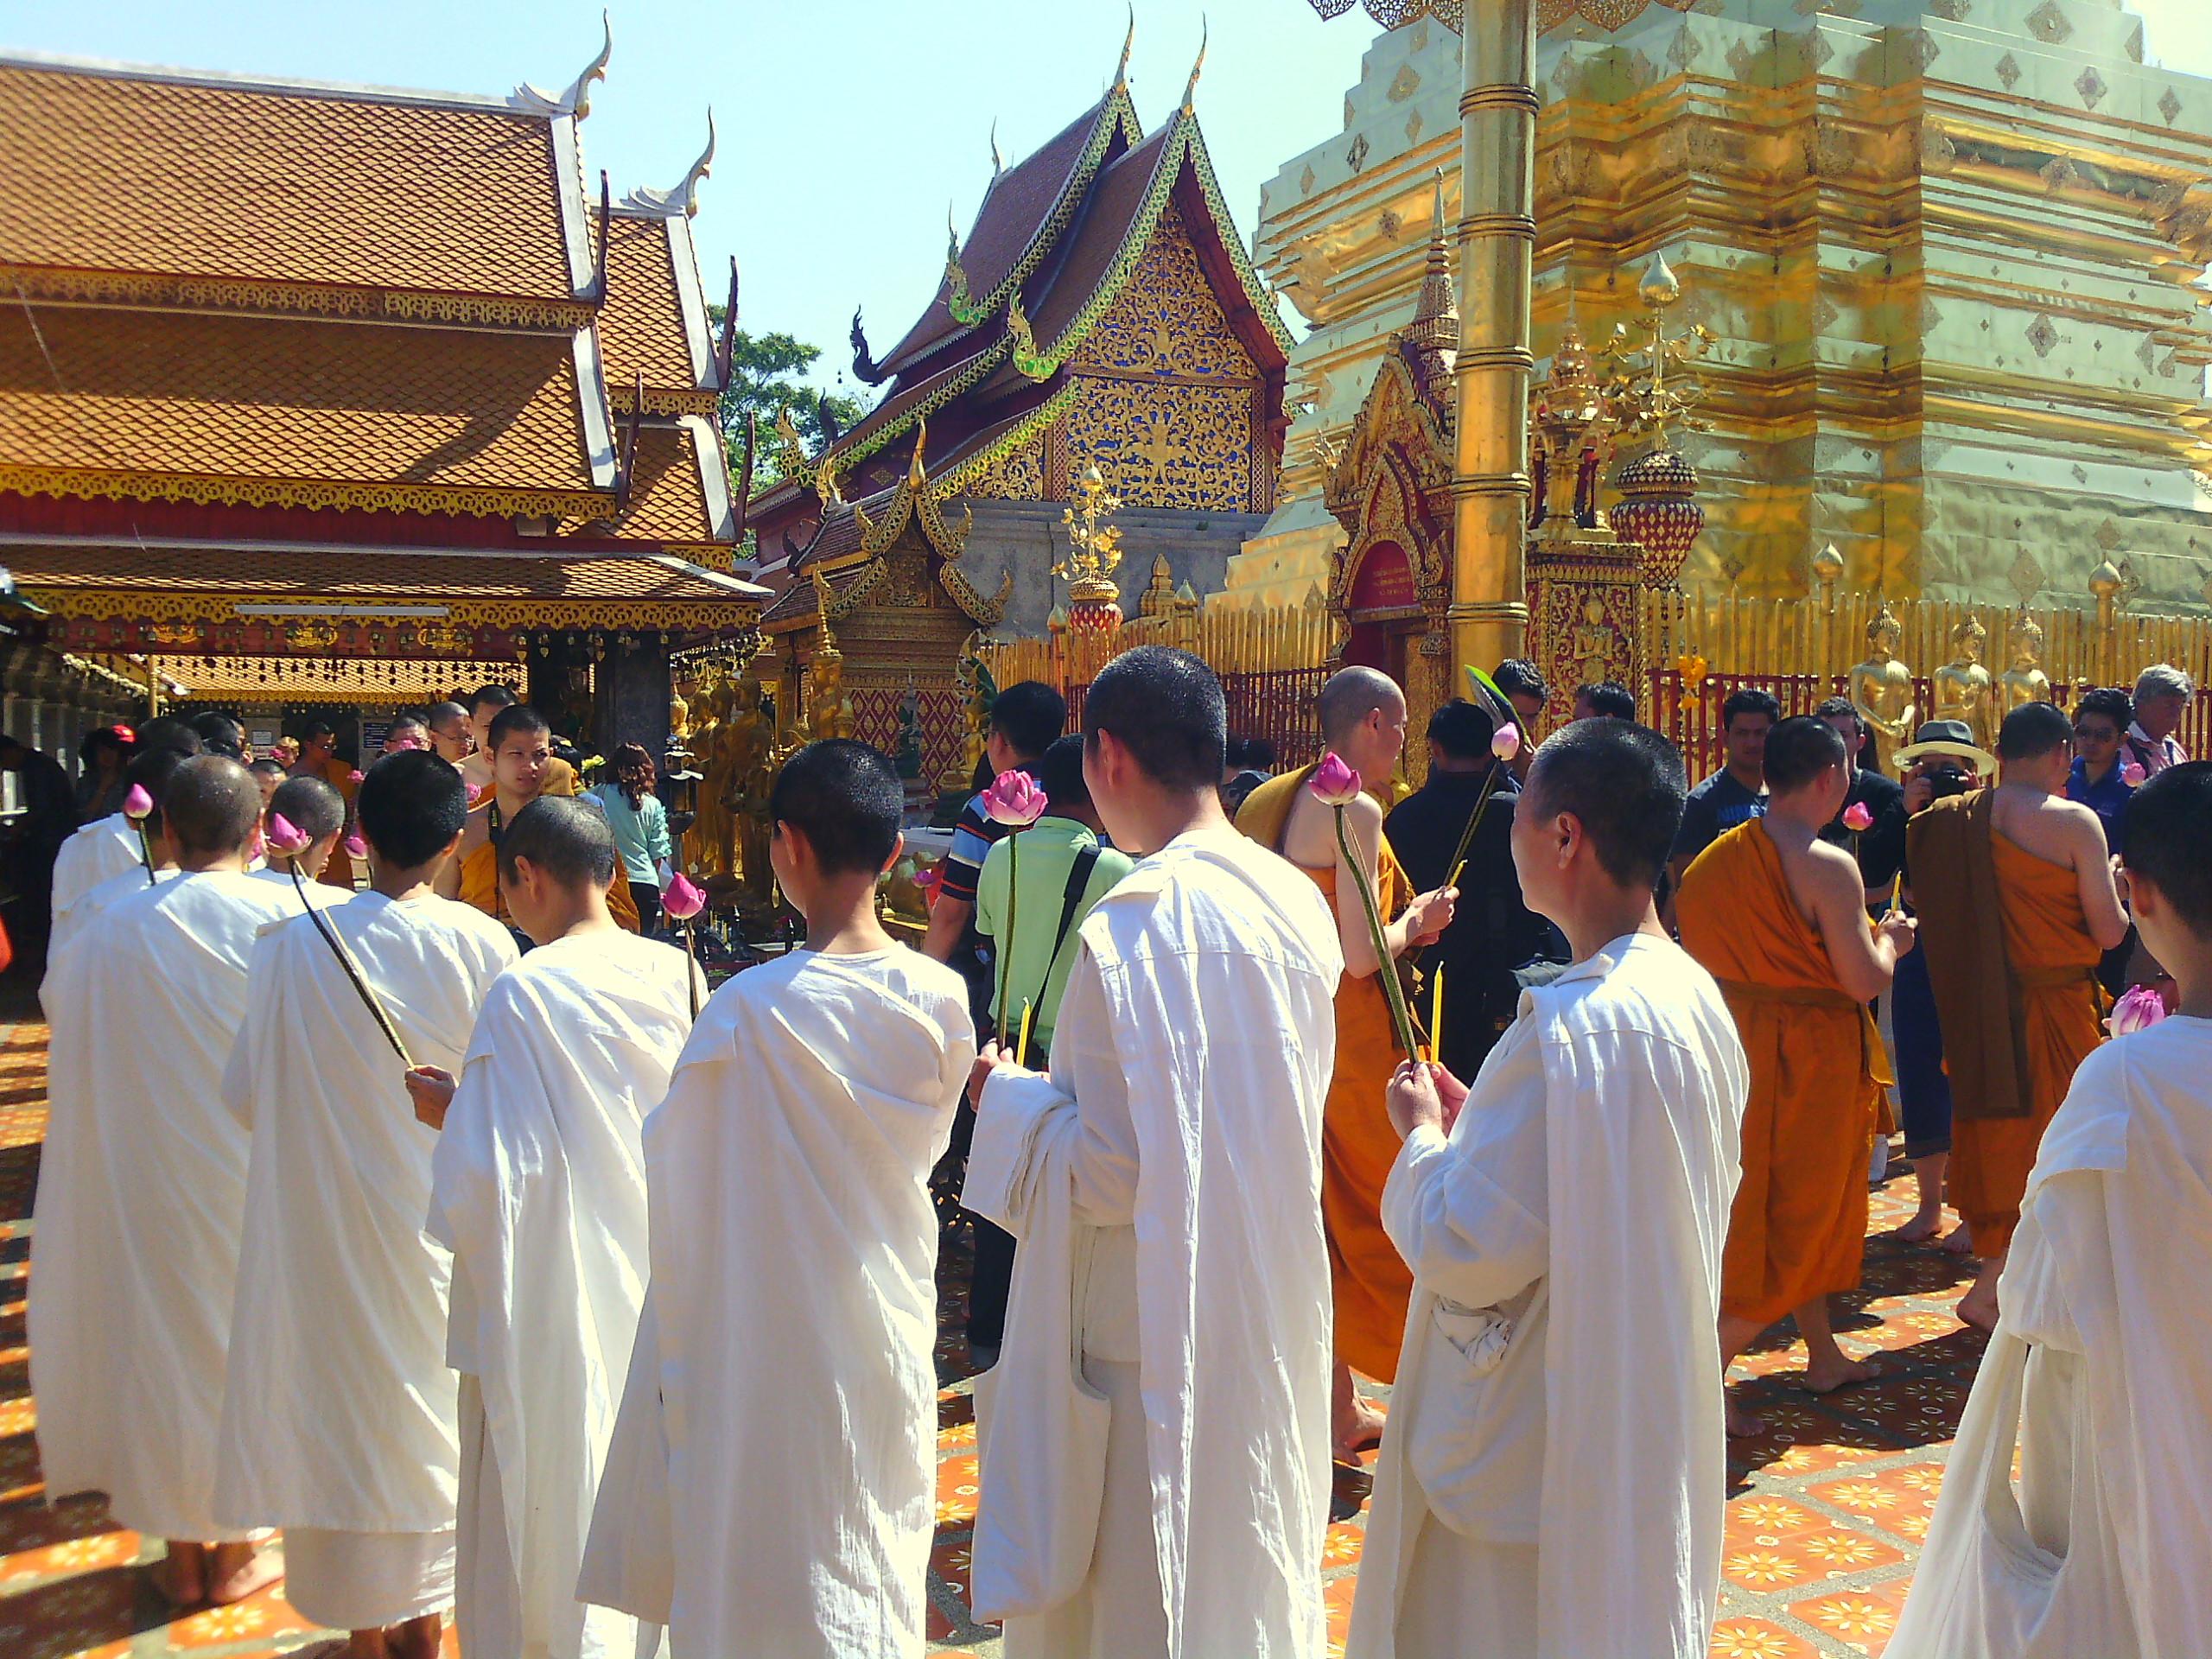 Letűnt ősi romok és ragyogó aranyozott kegyhelyek - Thaiföld 10 legszebb temploma